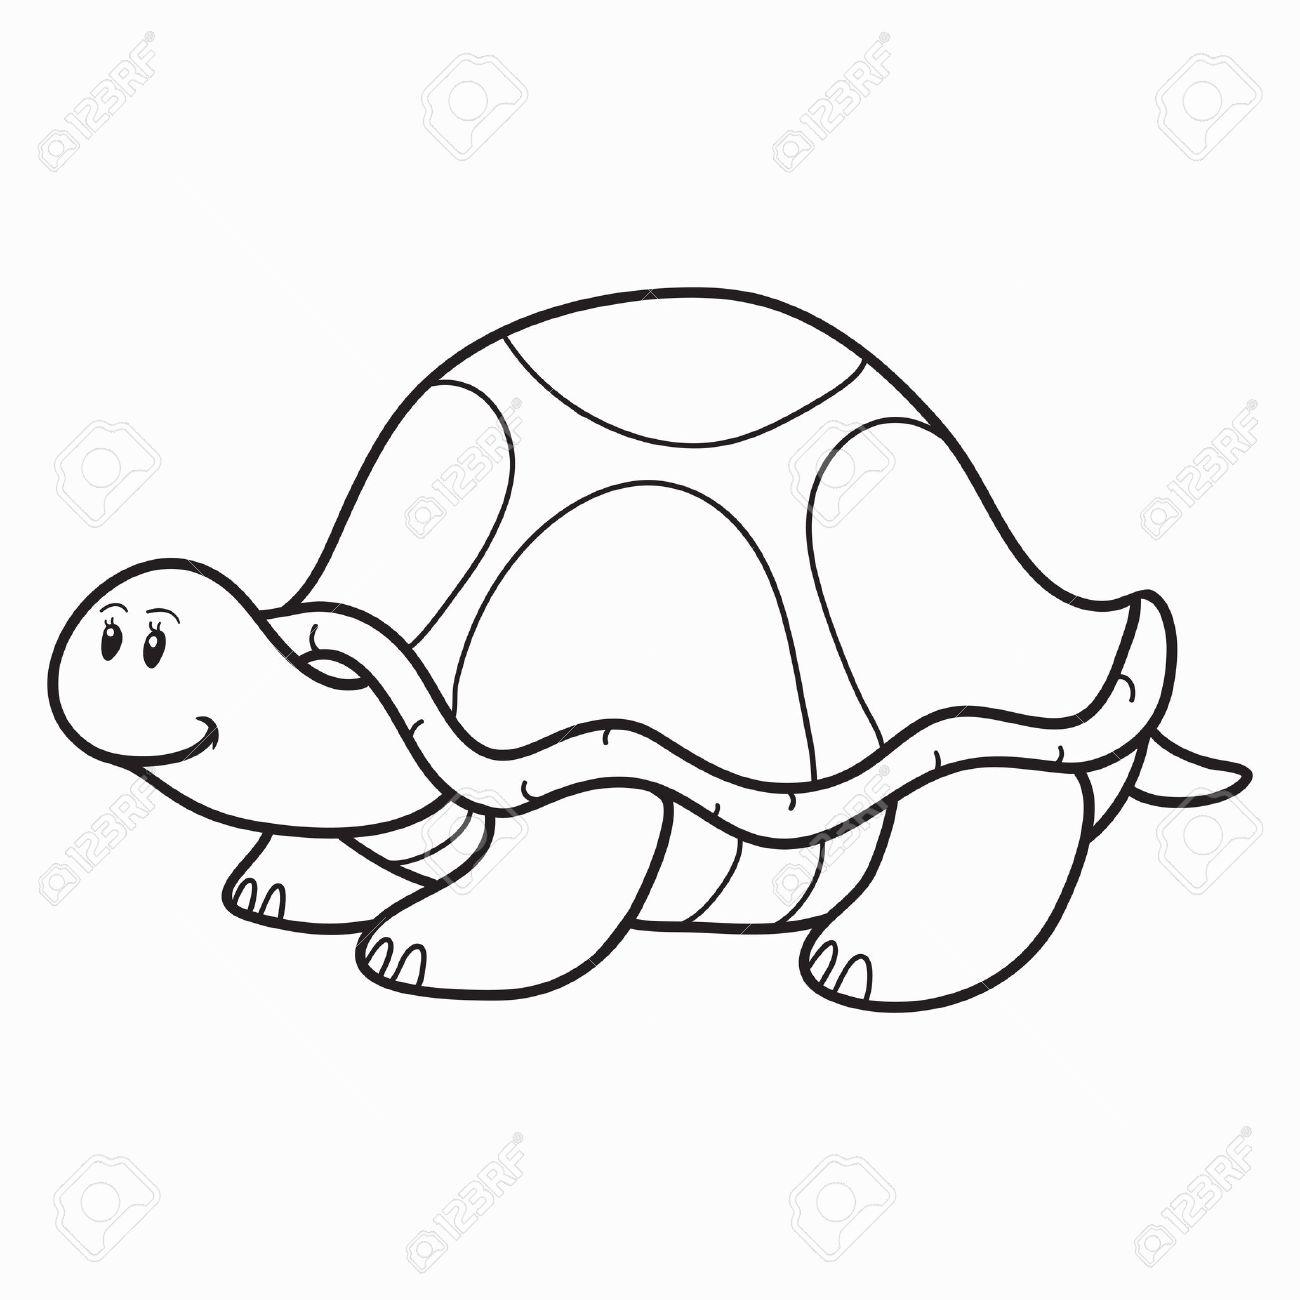 Tortugas Para Colorear. Top Ilustracin De Dibujos Animados Blanco Y ...